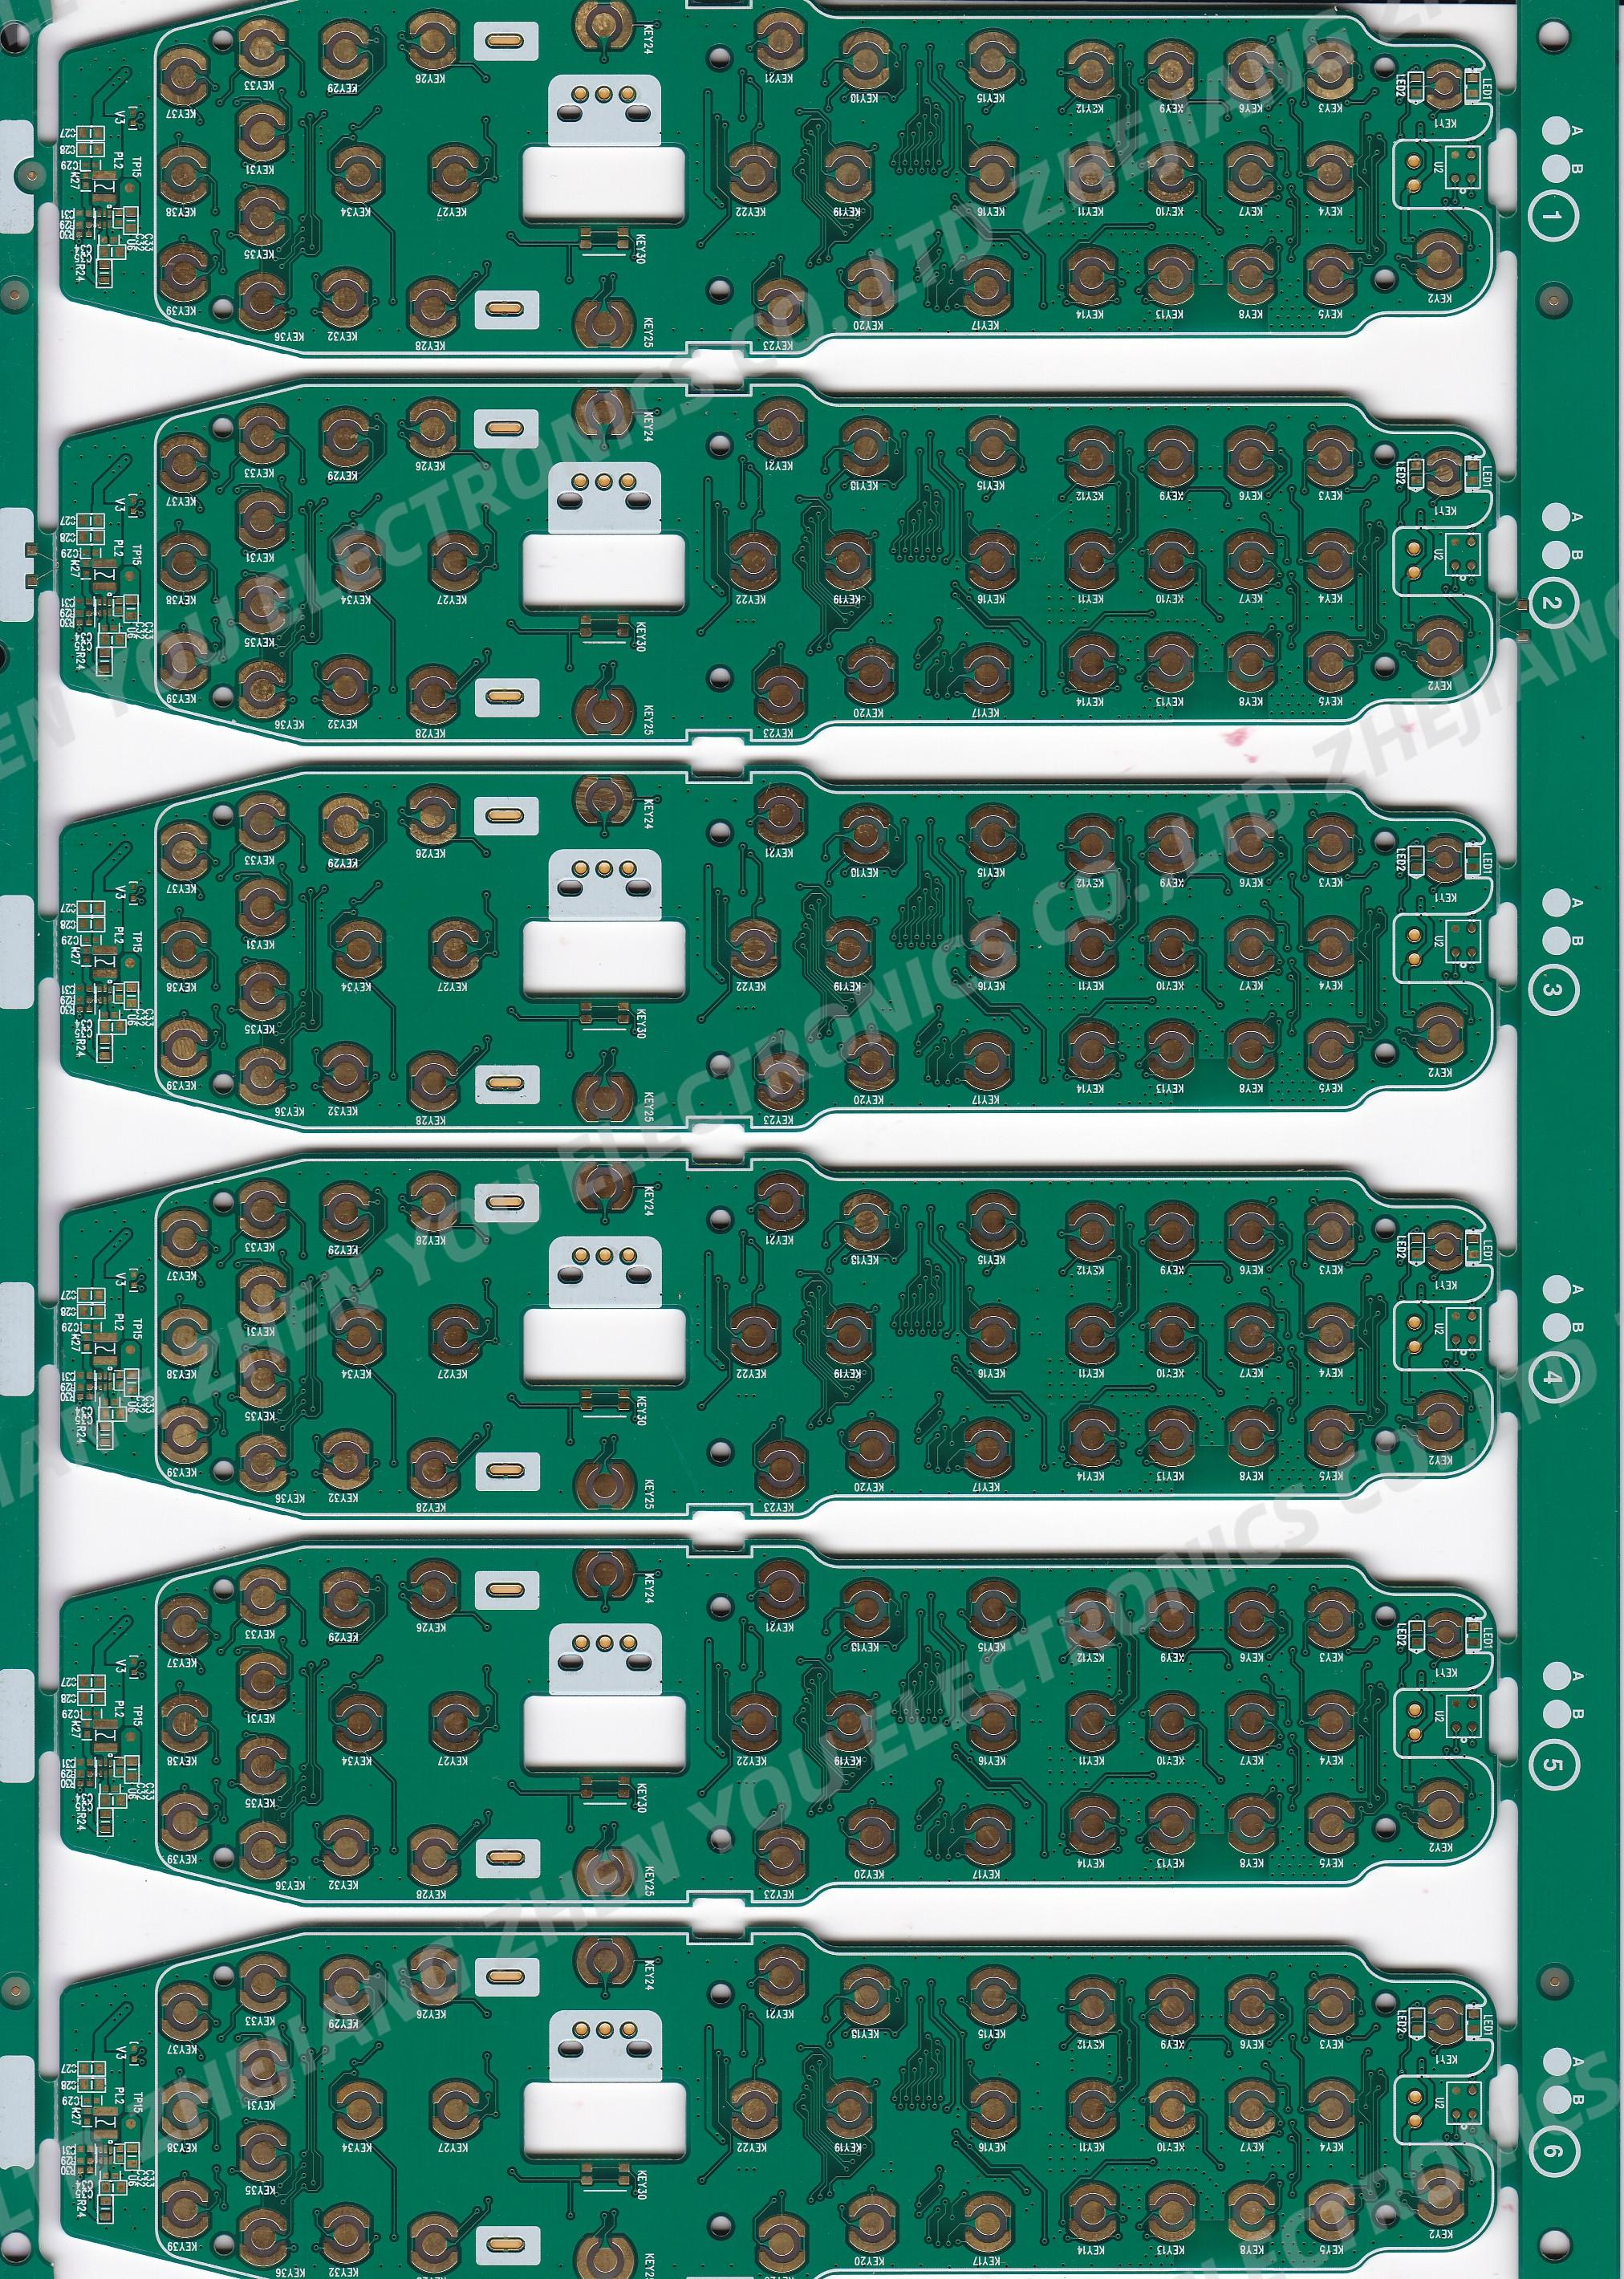 ZY-PTH-002